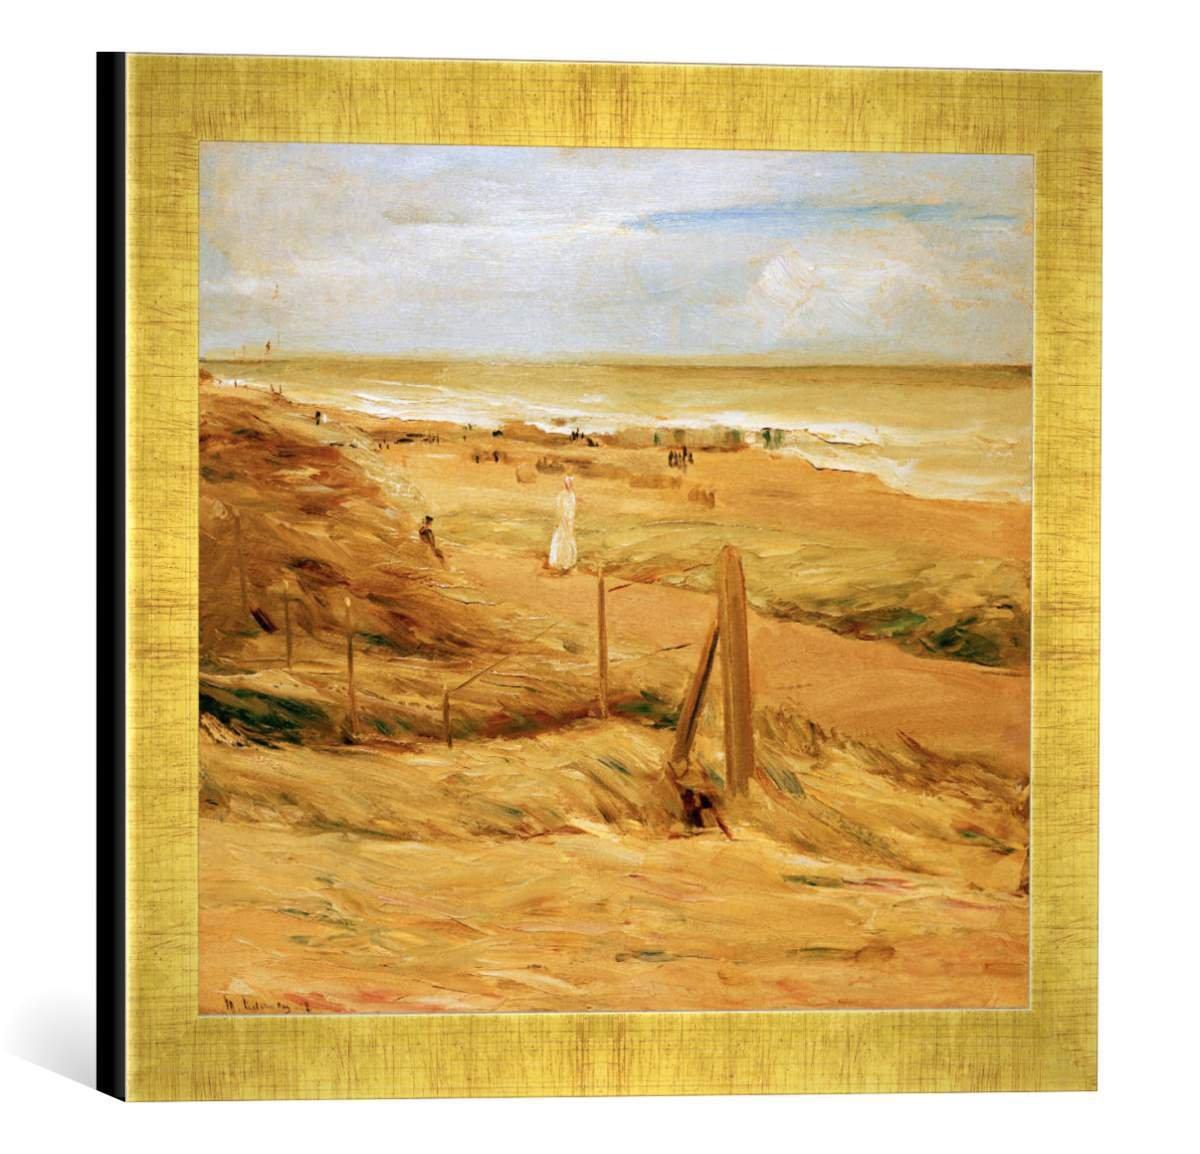 Gerahmtes Bild von Max Liebermann Dünenpromenade, Kunstdruck im hochwertigen handgefertigten Bilder-Rahmen, 40x30 cm, Gold Raya